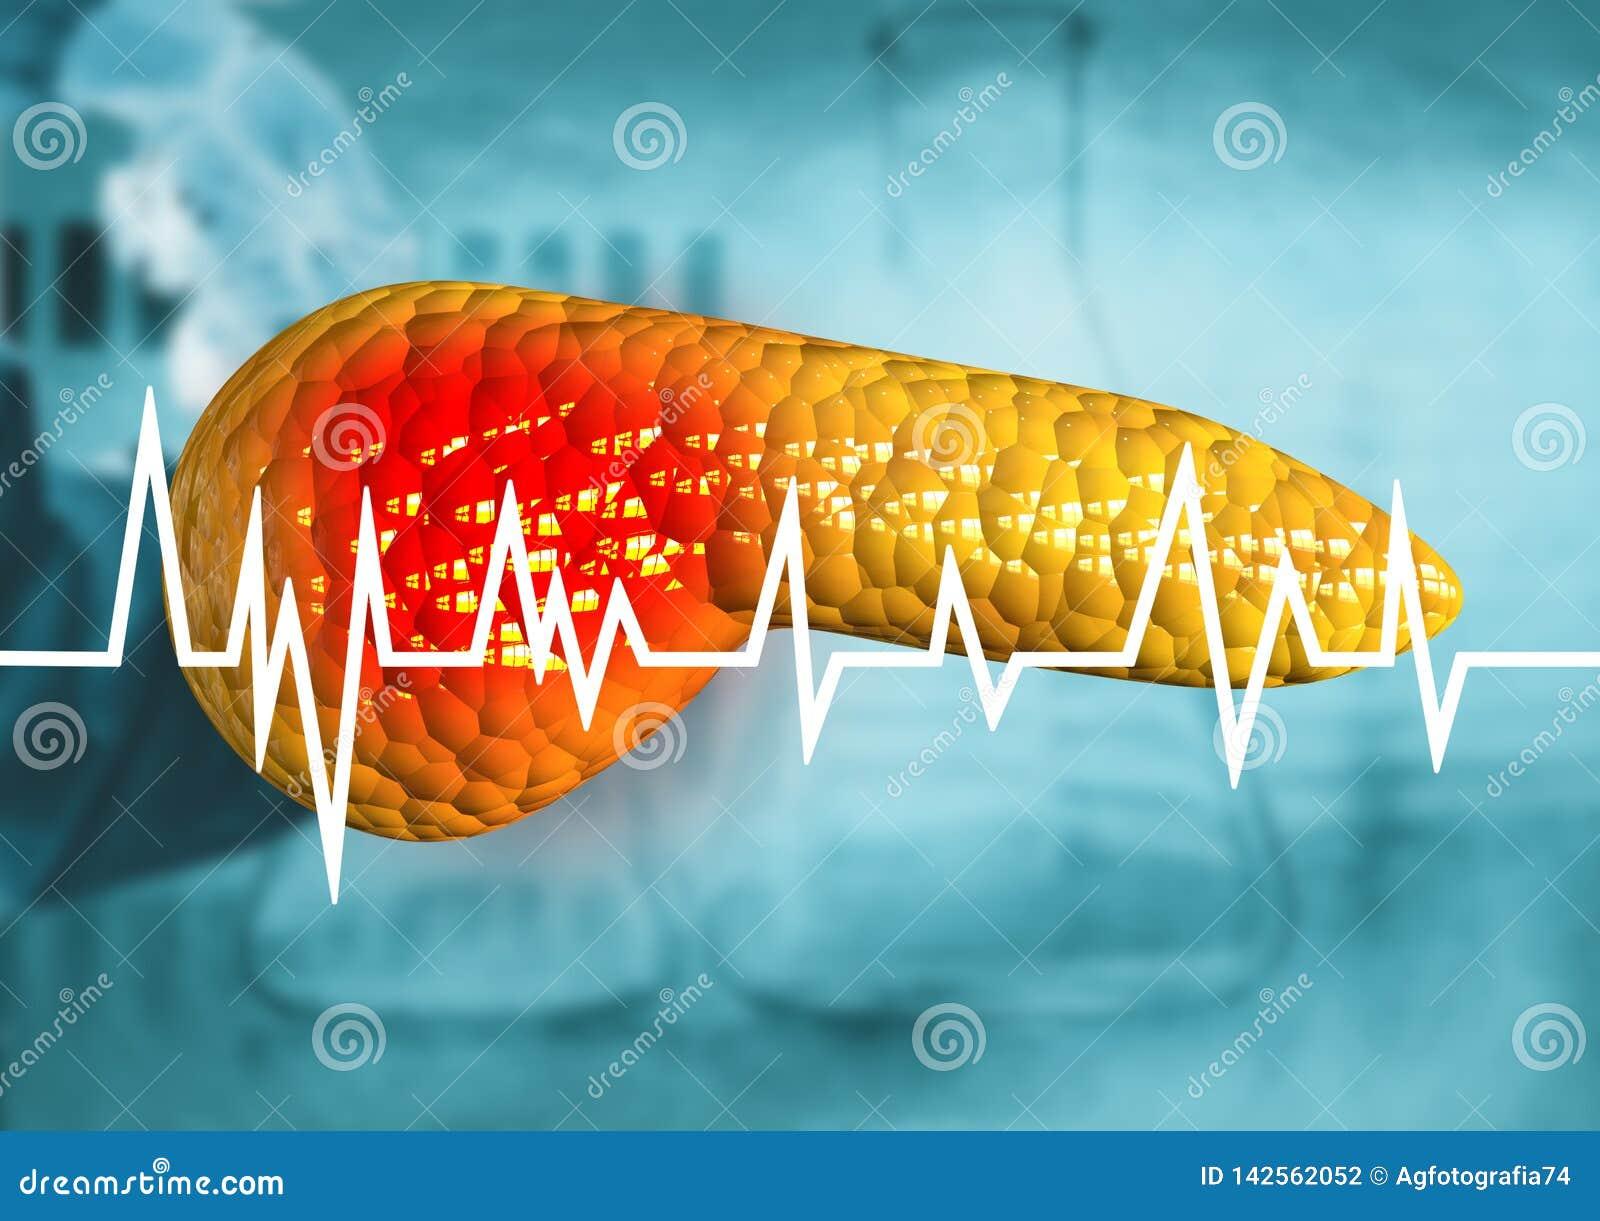 Πάγκρεας, όργανο ανθρώπινων σωμάτων με τη διάγνωση του καρκίνου, pancreatitis, σοβαρές ασθένειες